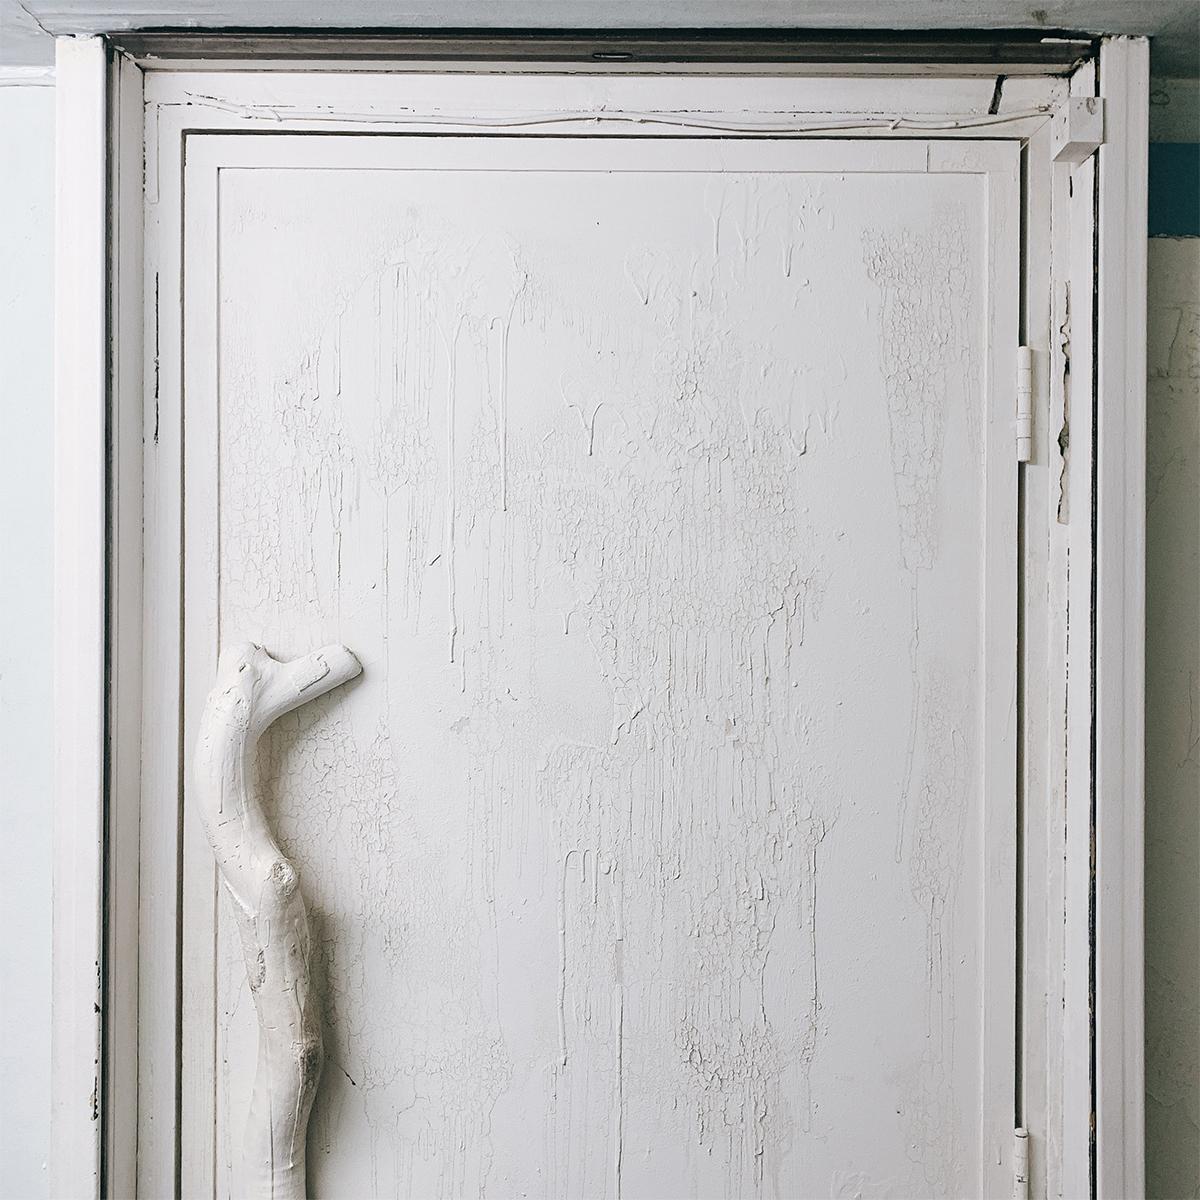 ツバメフード.の真っ白な扉